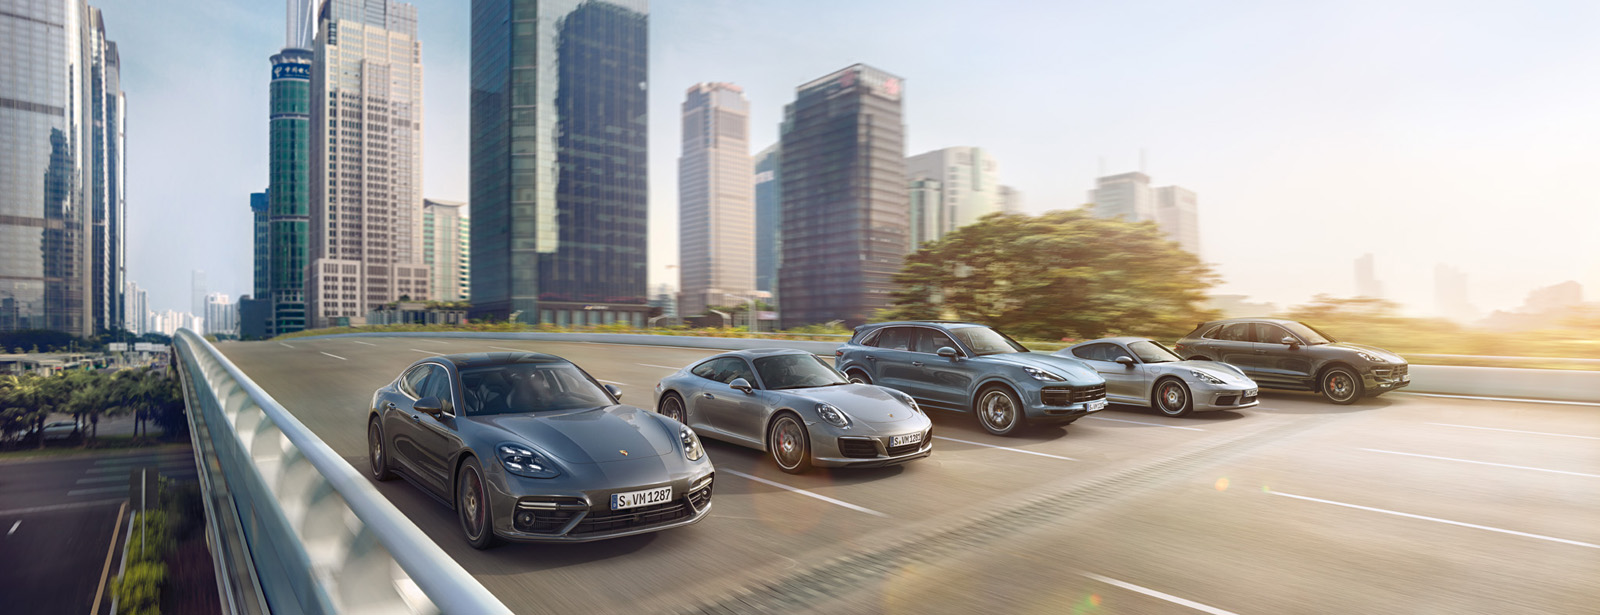 Verkauf - Neuwagen und Gebrauchtwagen